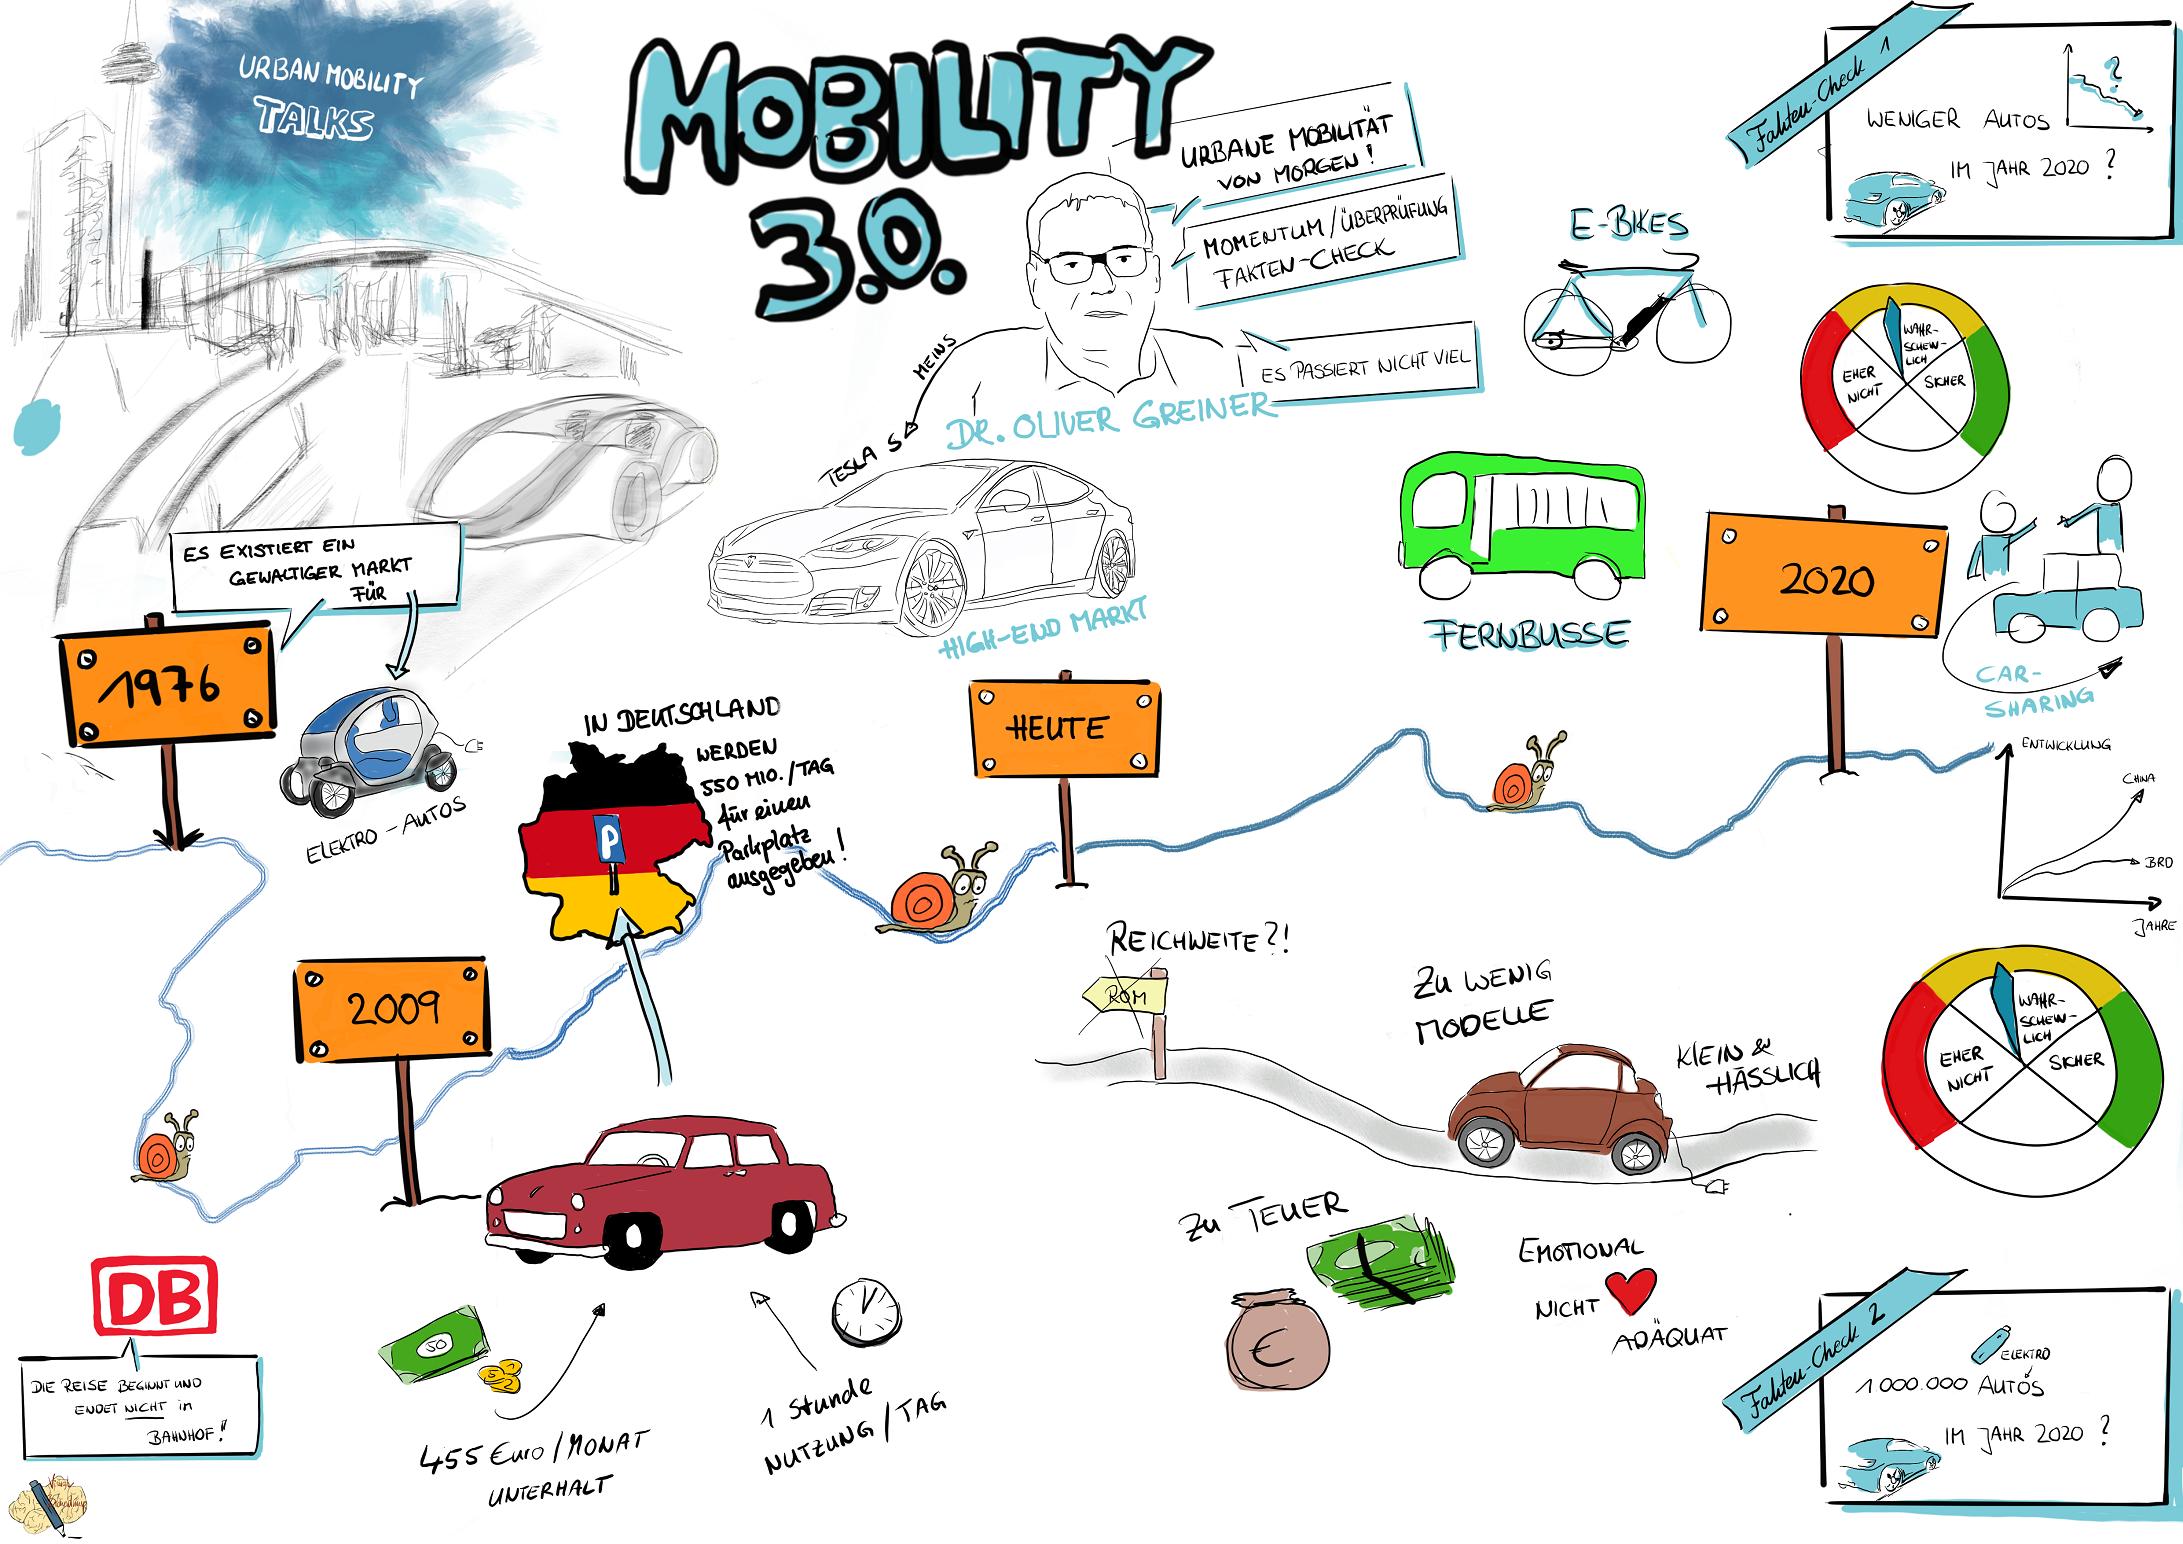 Urbane Mobilität im 21. Jahrhundert - die Keynote von Oliver Greiner im Bild